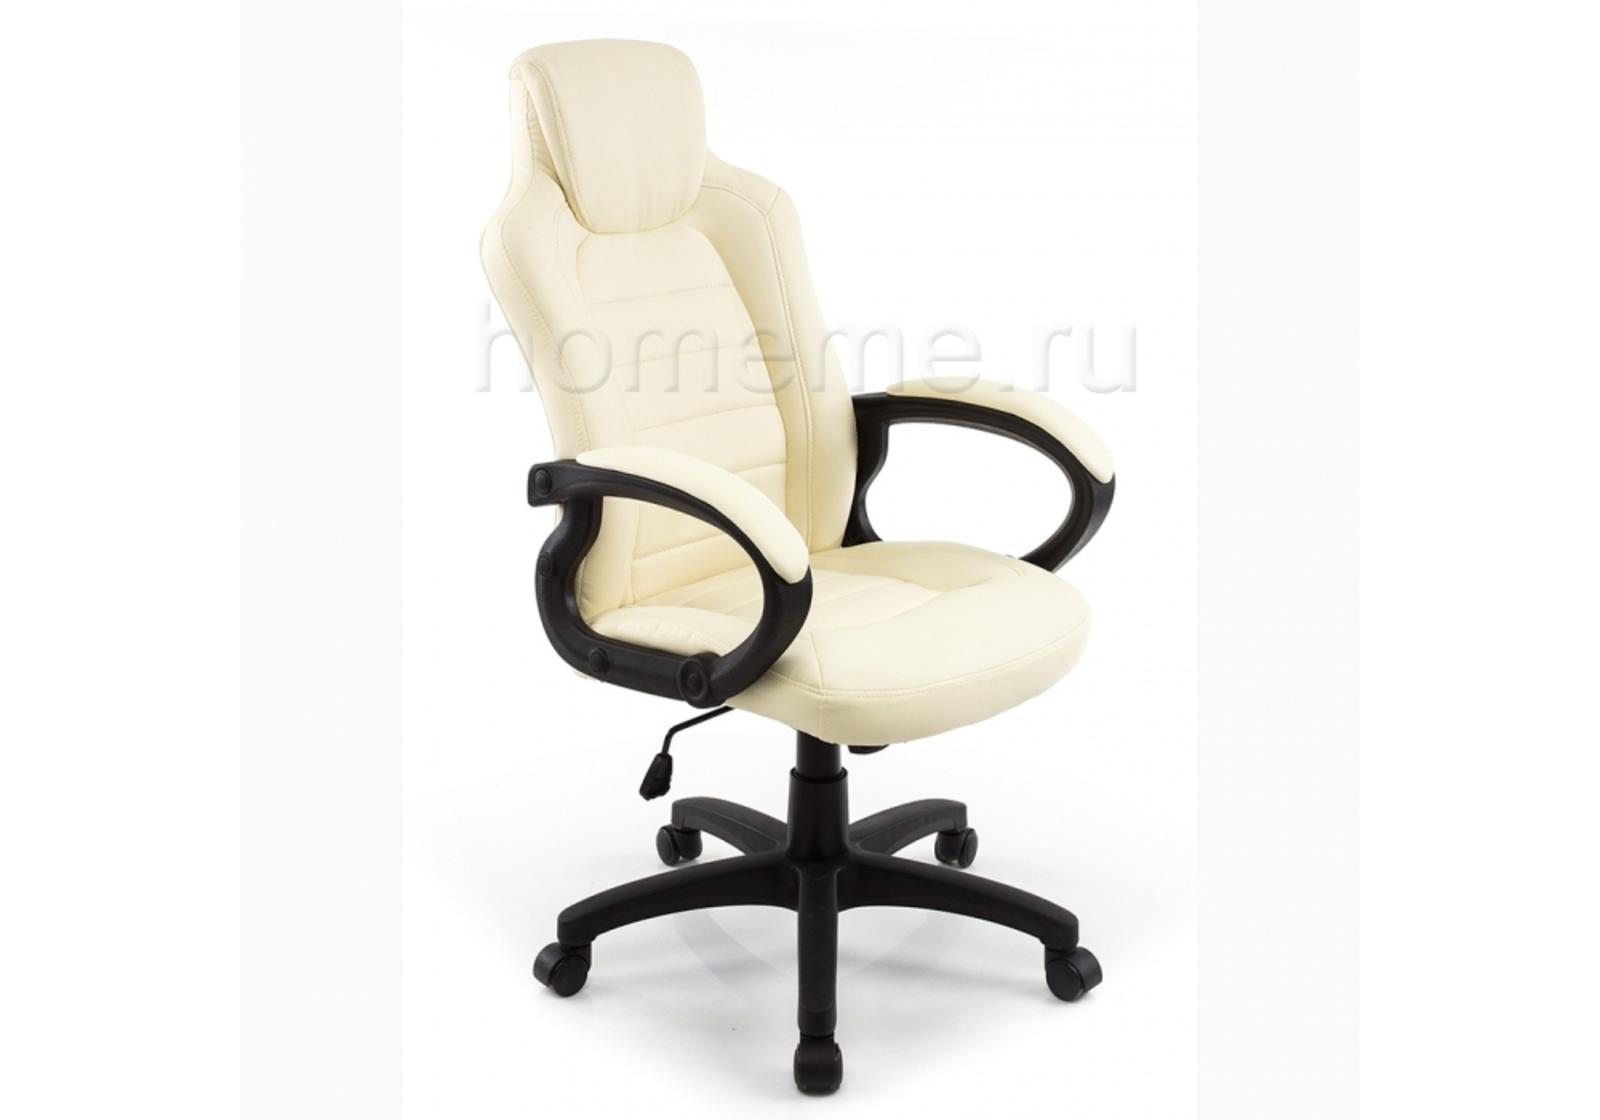 Кресло для офиса HomeMe Kadis кремовое 1727 от Homeme.ru